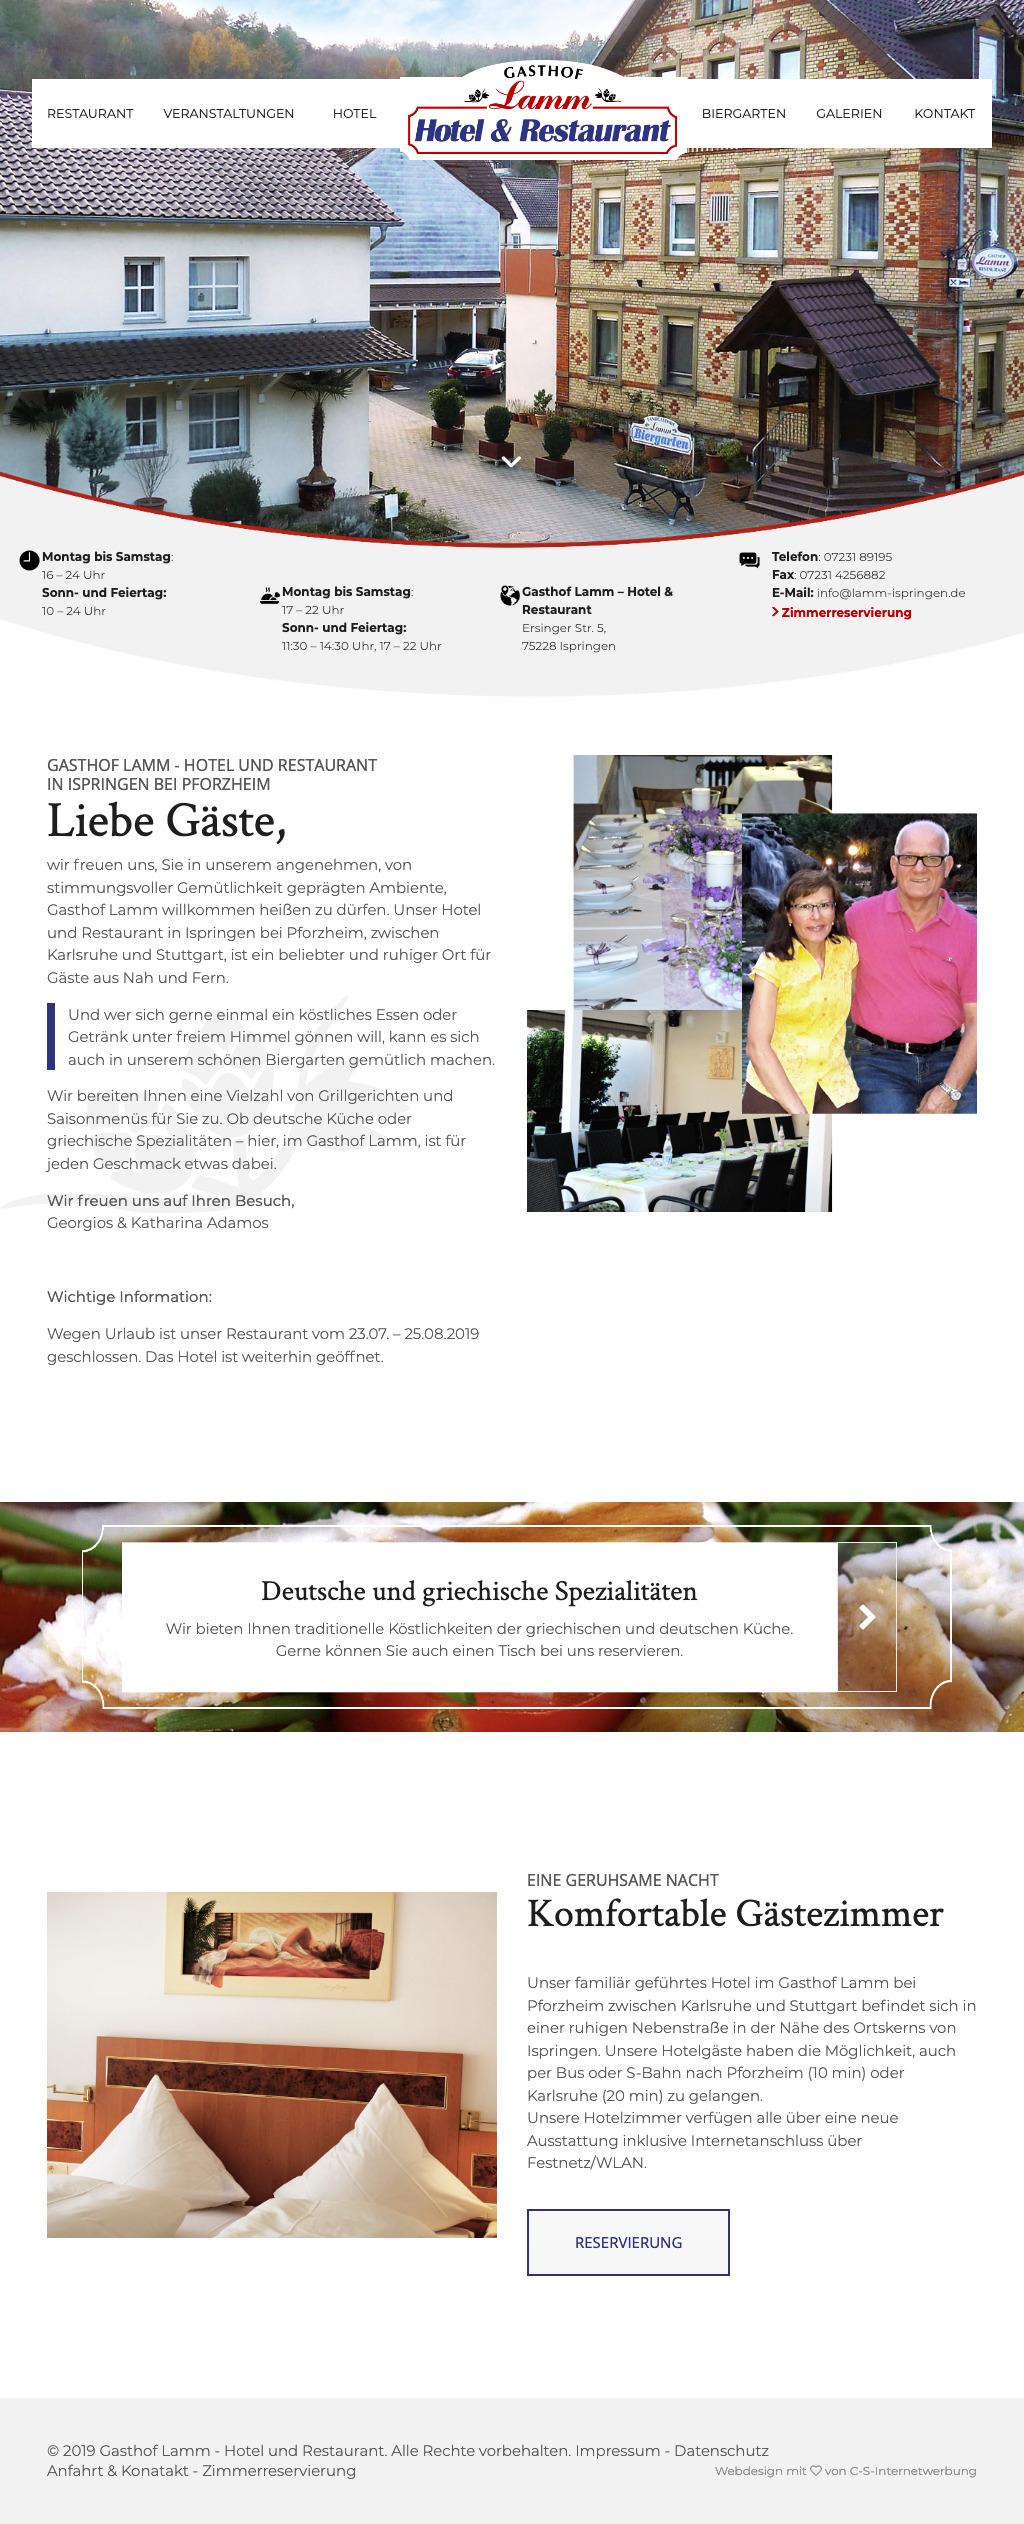 Gasthof und Hotel Tablet-Anischt